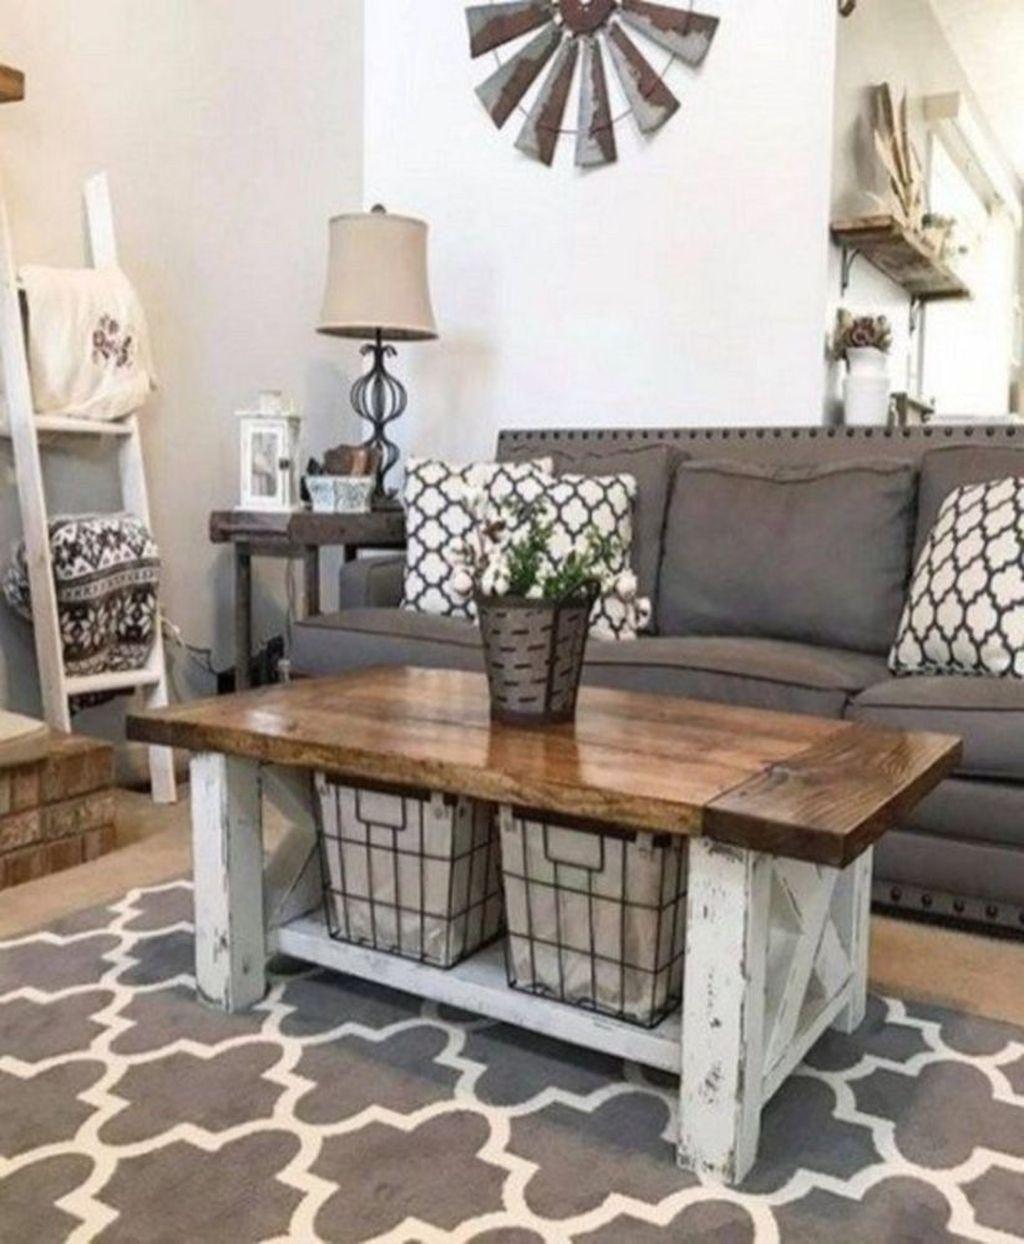 Glamour Farmhouse Home Decor Ideas On A Budget 07